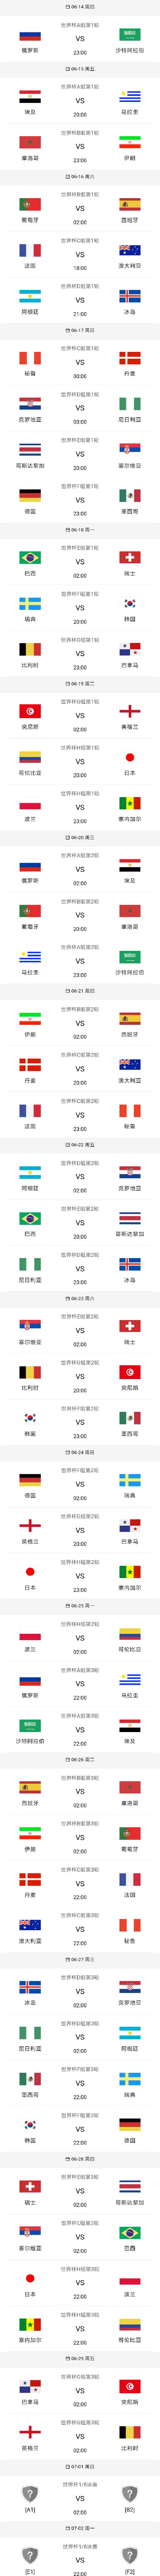 最新2018俄罗斯世界杯赛程时间表及分组对阵表